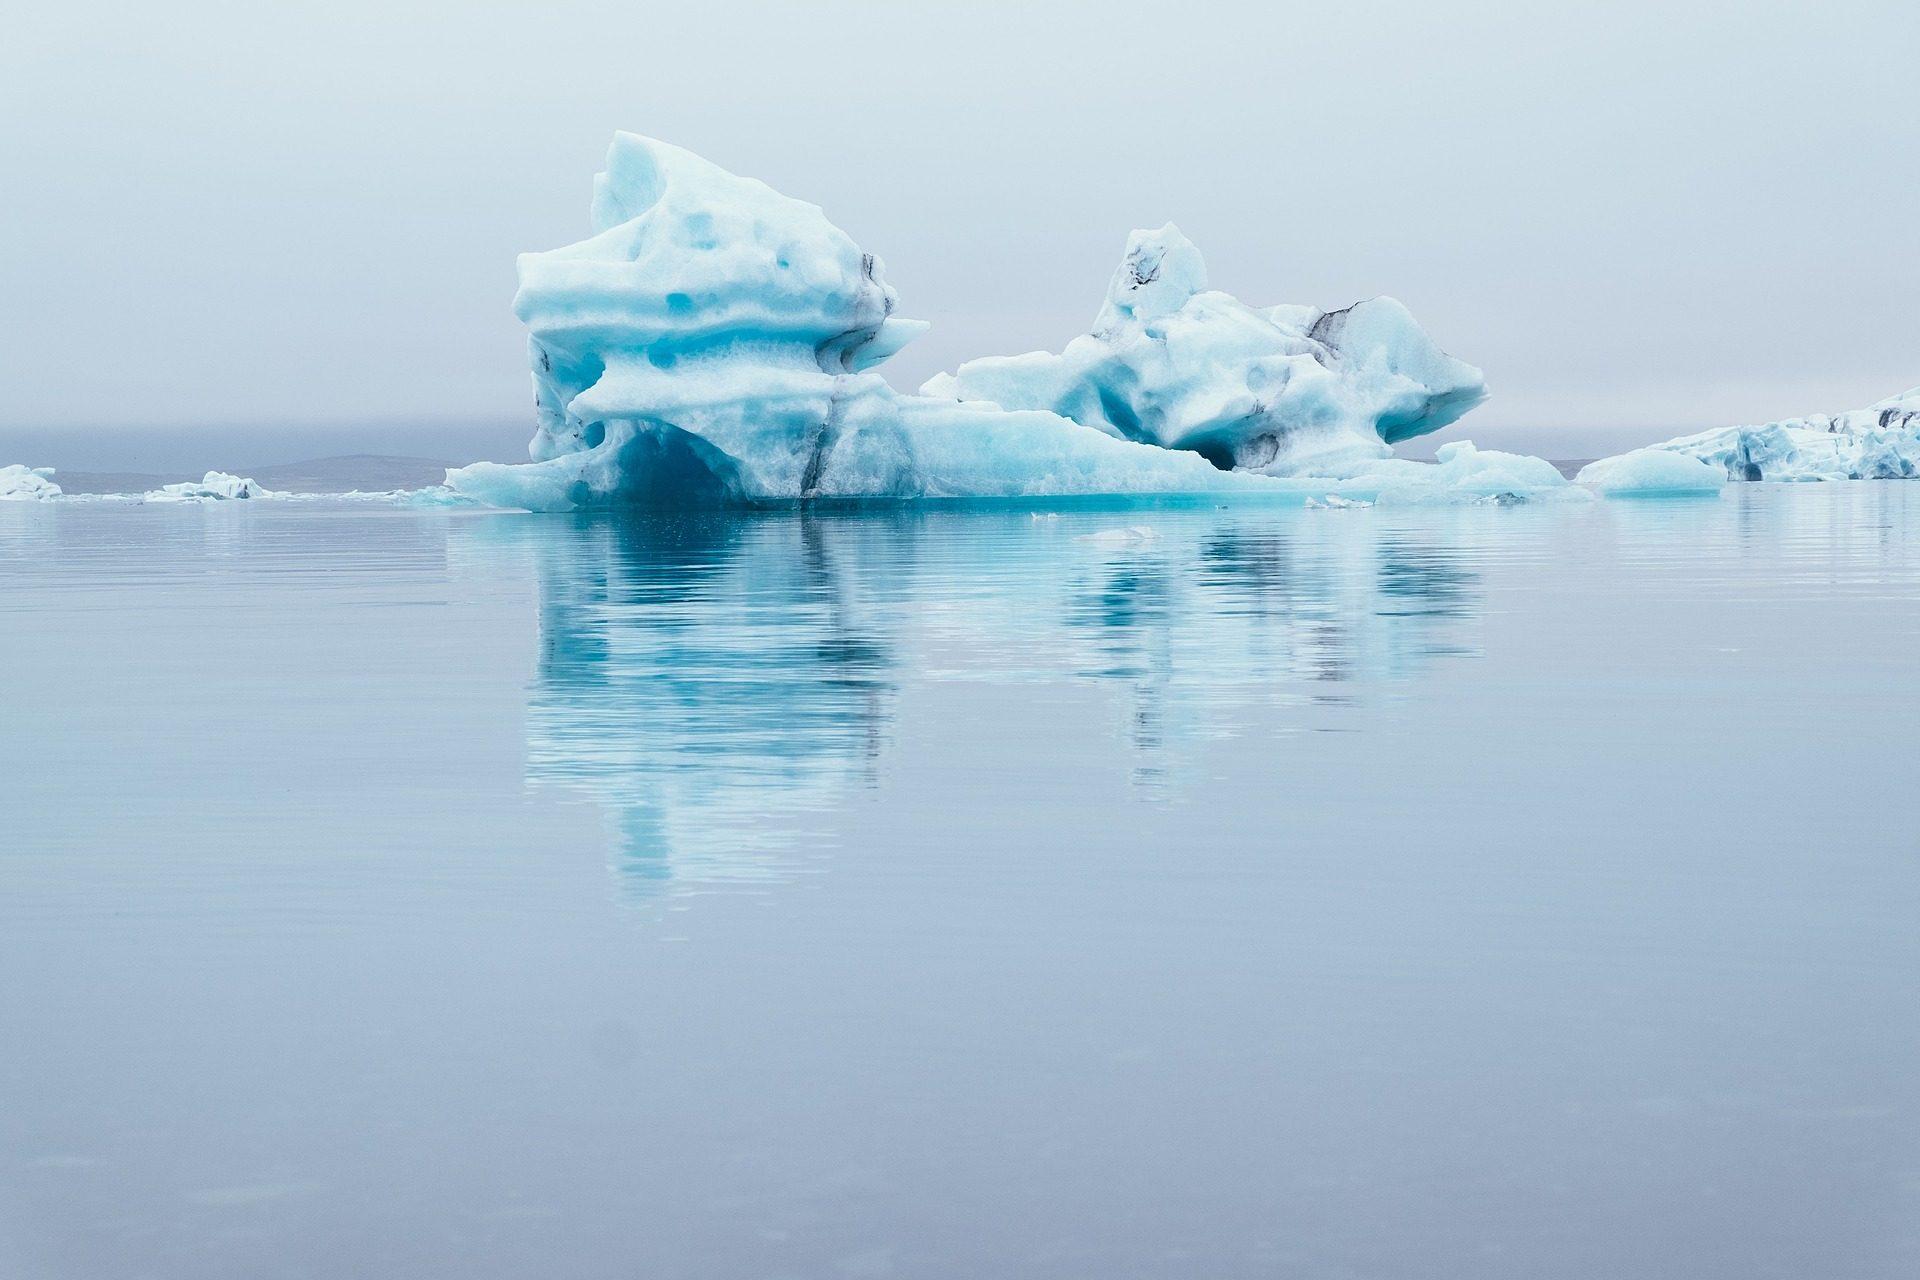 Eisberg, Meer, Eis, Schnee, Gelassenheit - Wallpaper HD - Prof.-falken.com